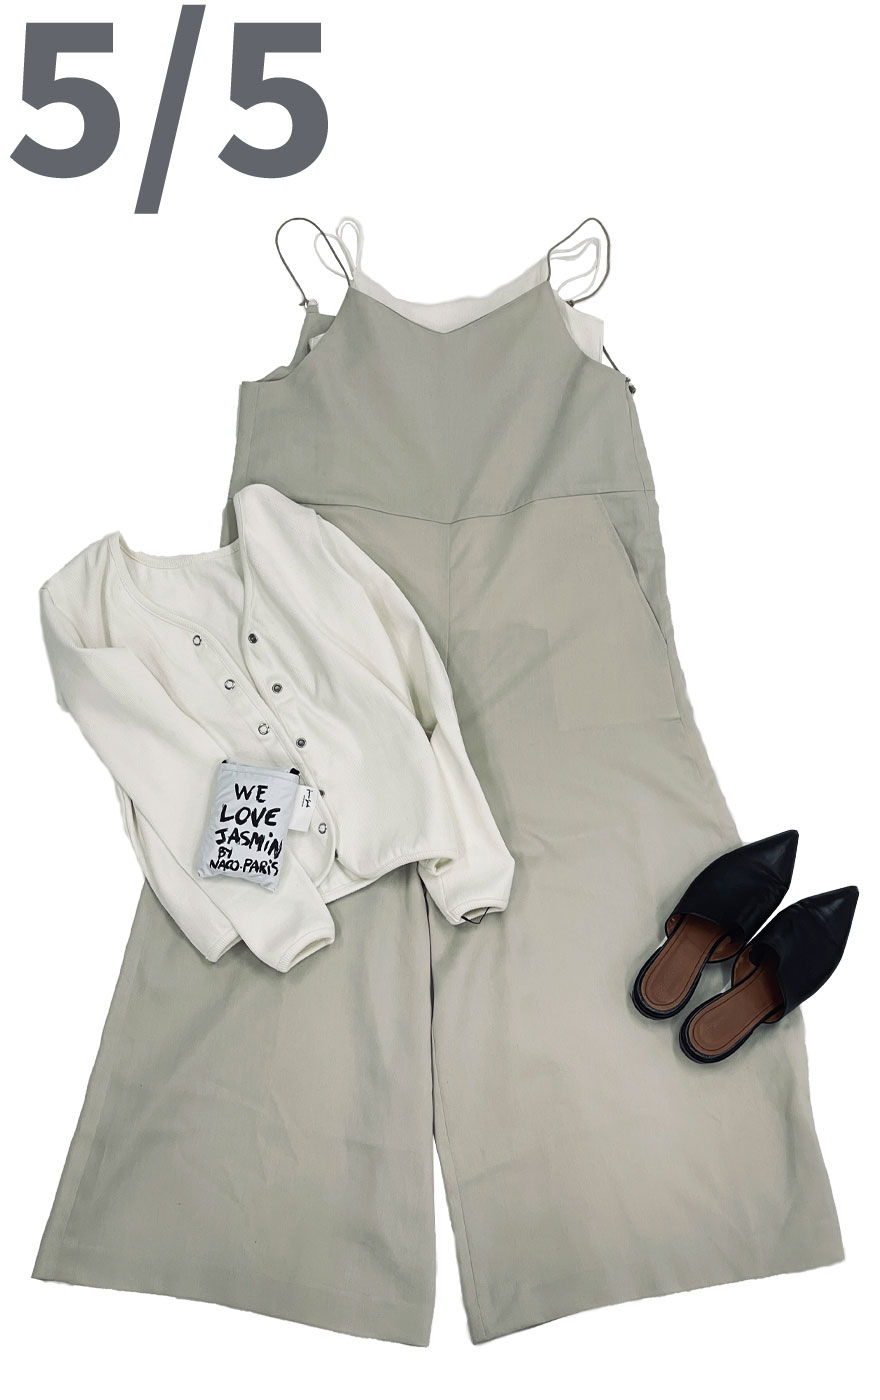 ベージュカラーのキャミサロペットとカップ付きキャミソールホワイトカラーを合わせたコーディネート。羽織にはホワイトカラーのリブカーディガンうを合わせたきれいめコーディネートに。i